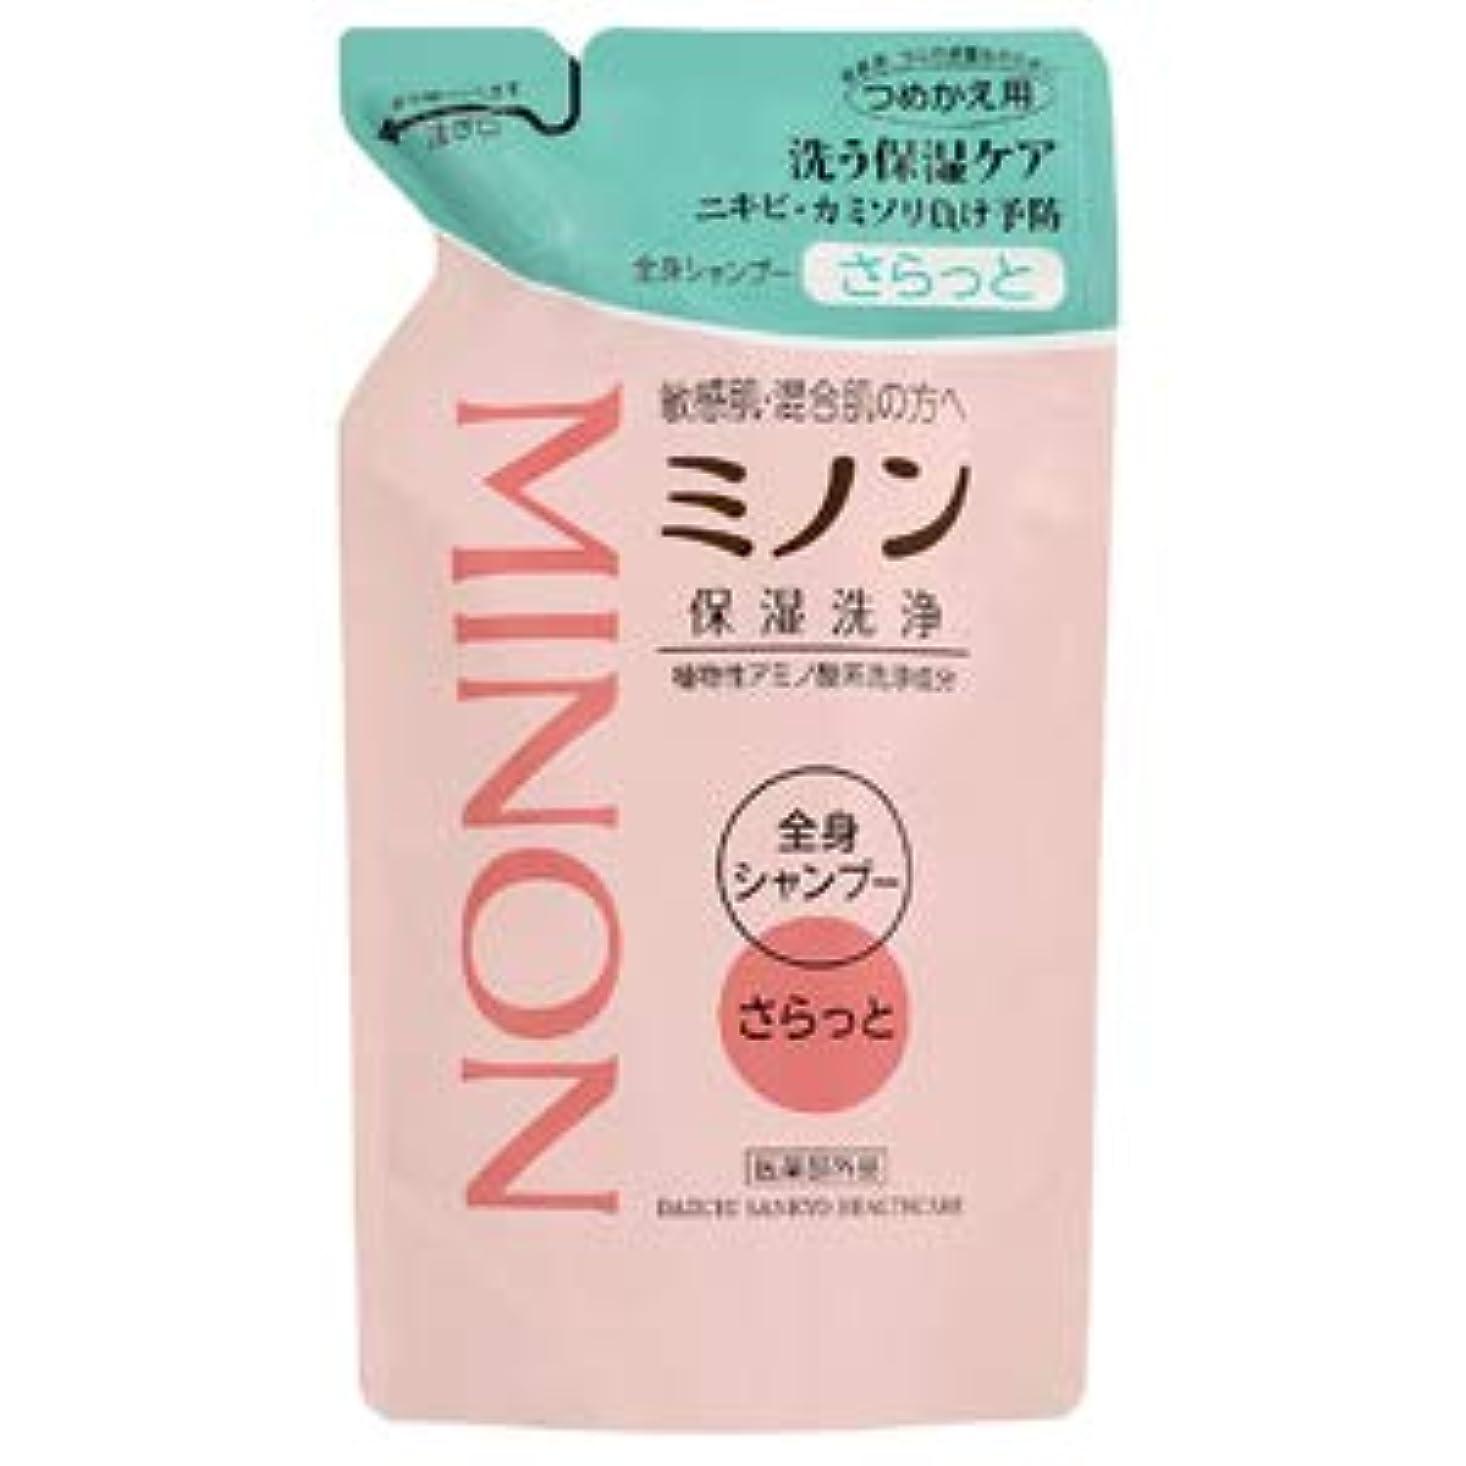 【3個】 ミノン 薬用全身シャンプー さらっとタイプ つめかえ用 380mlx3個 (4987107622457-3)